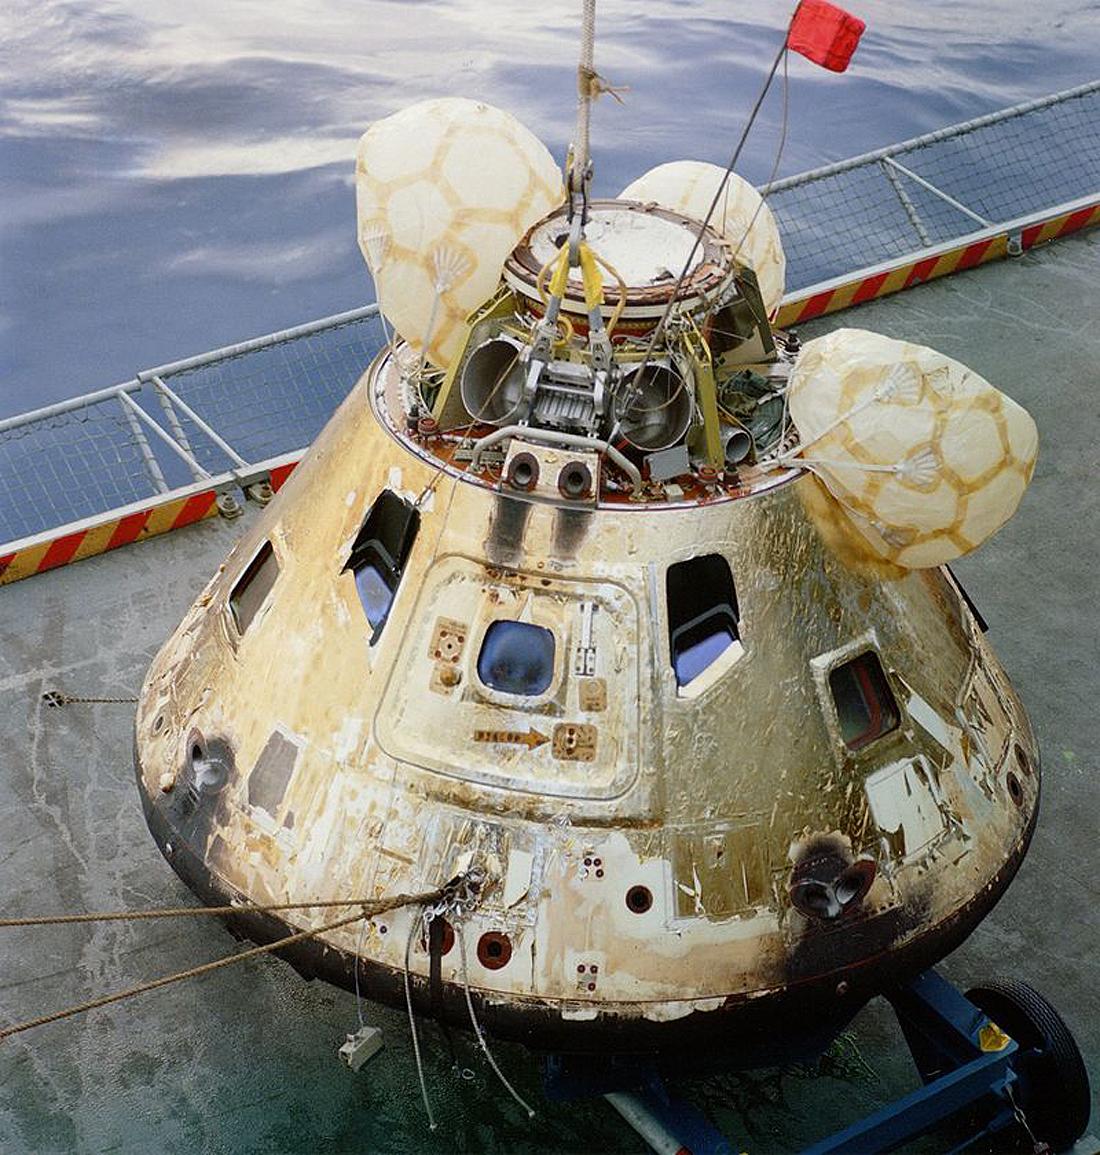 NASA Apollo 8, Borman, Anders, Lovell, command module in USS Yorktown